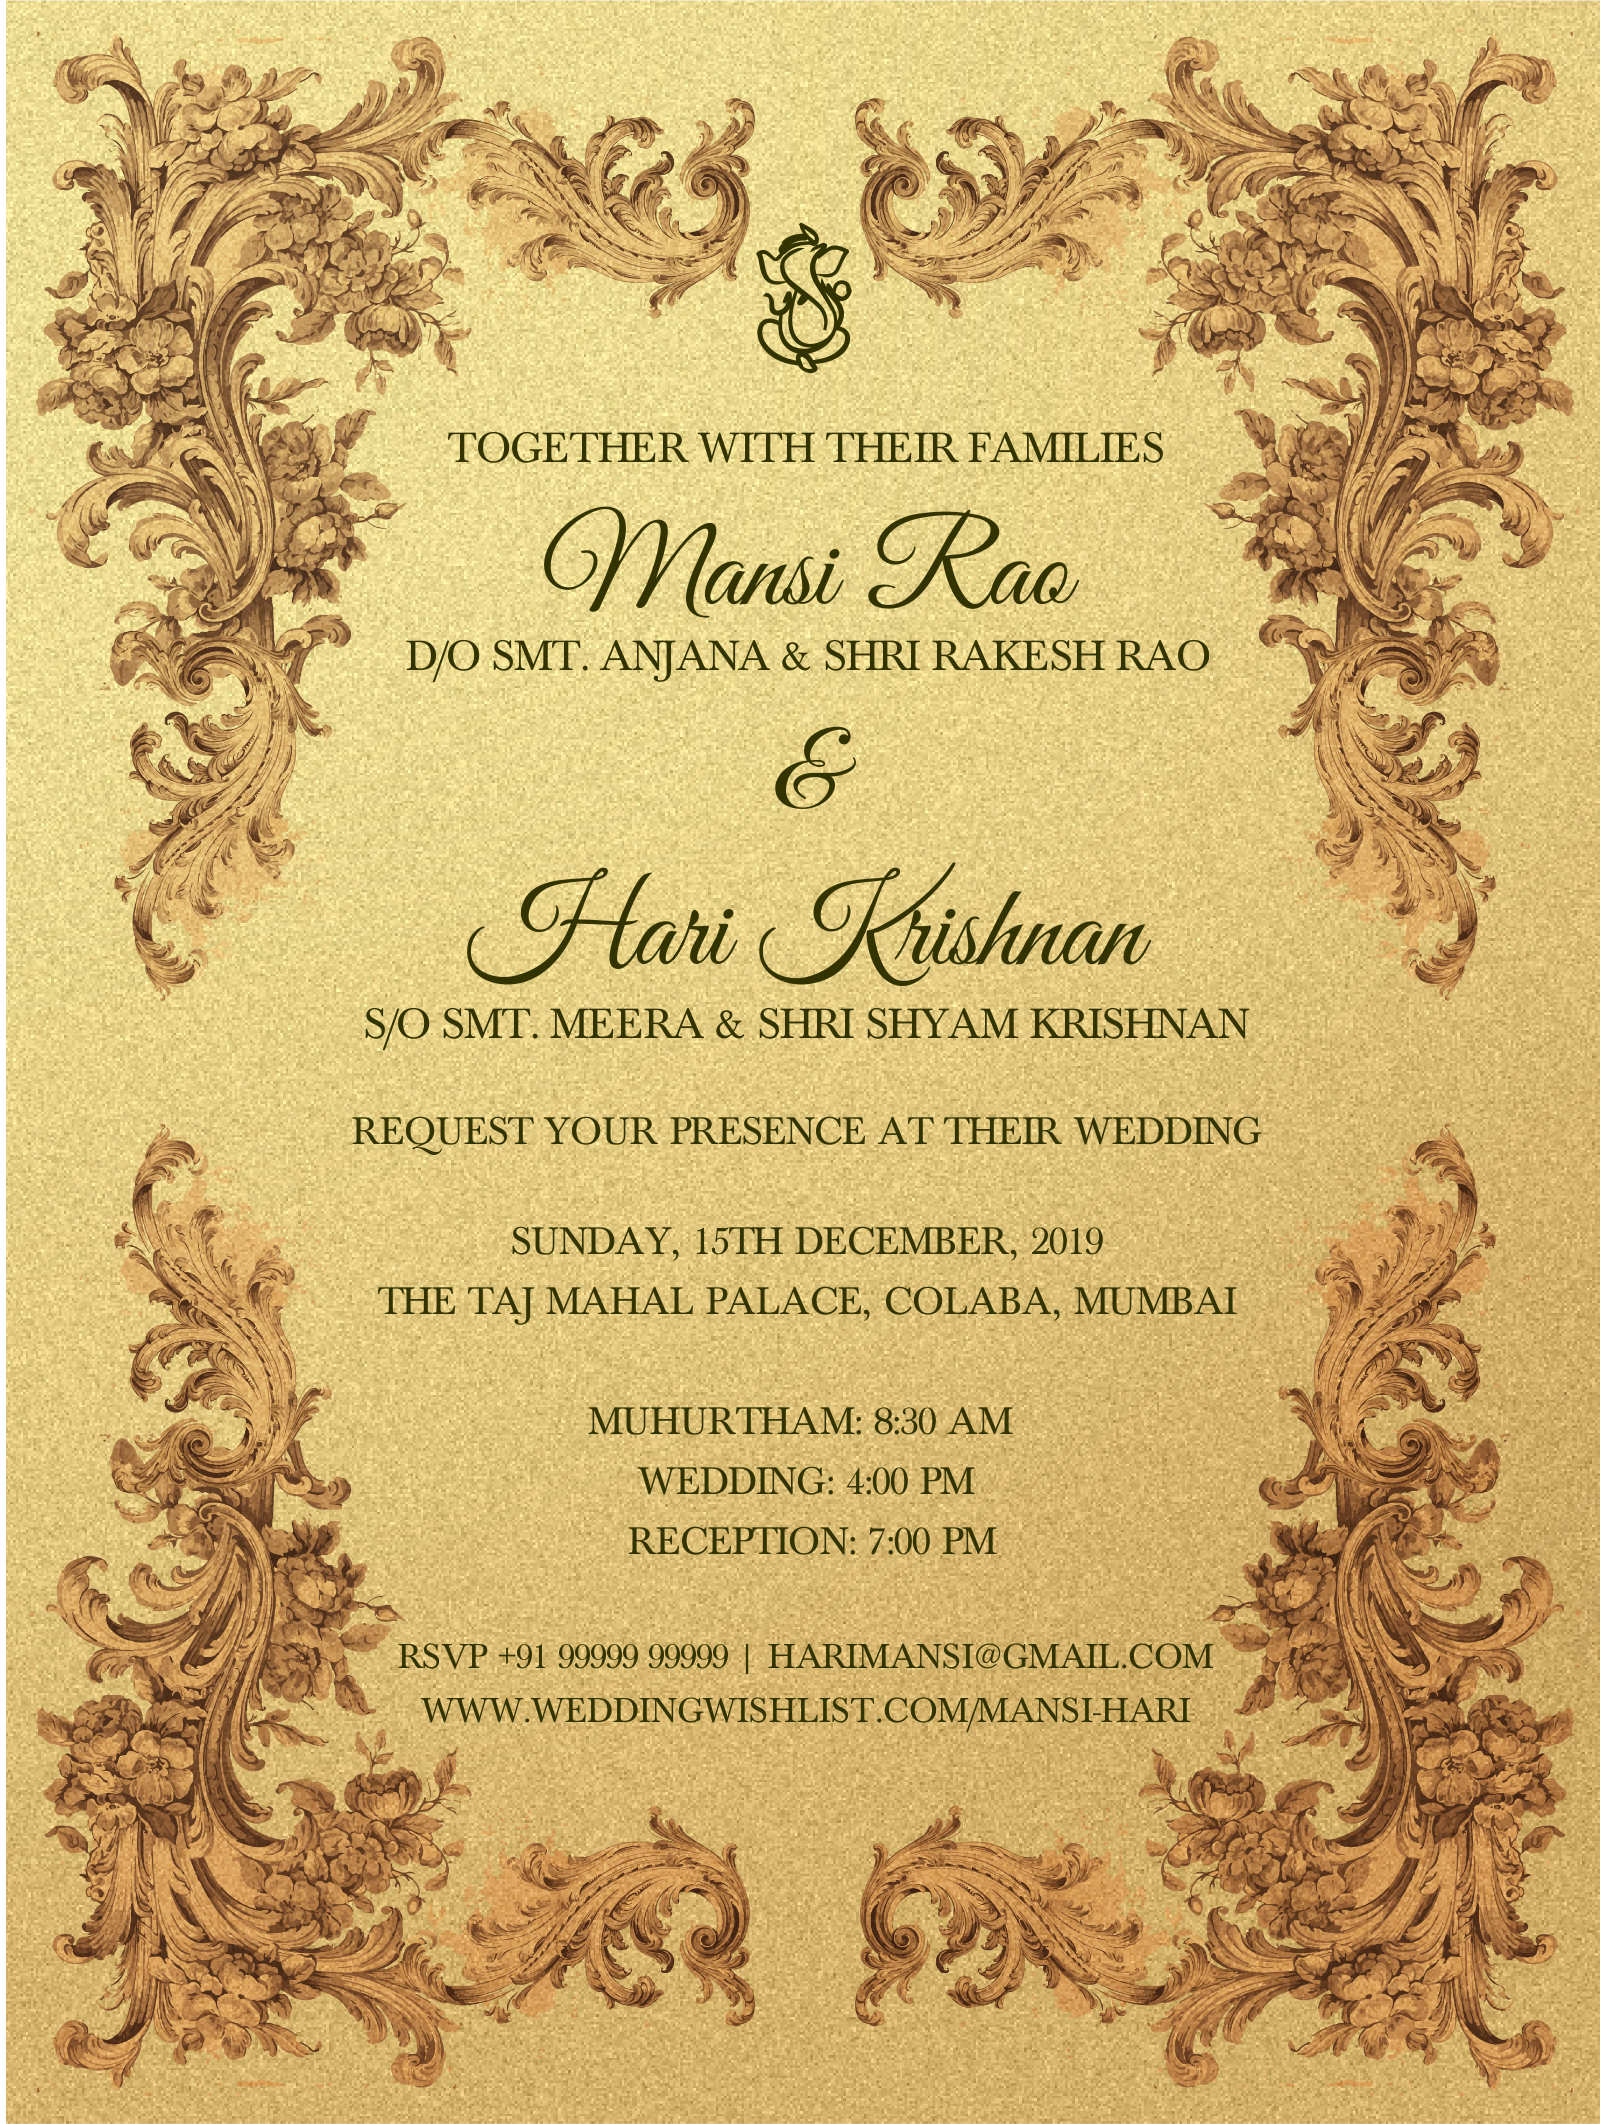 E Invite Imperial Elegance Invitations4weddings Make Wedding Invitations Wedding Invitations Online Wedding Reception Invitations Indian Wedding Invitations